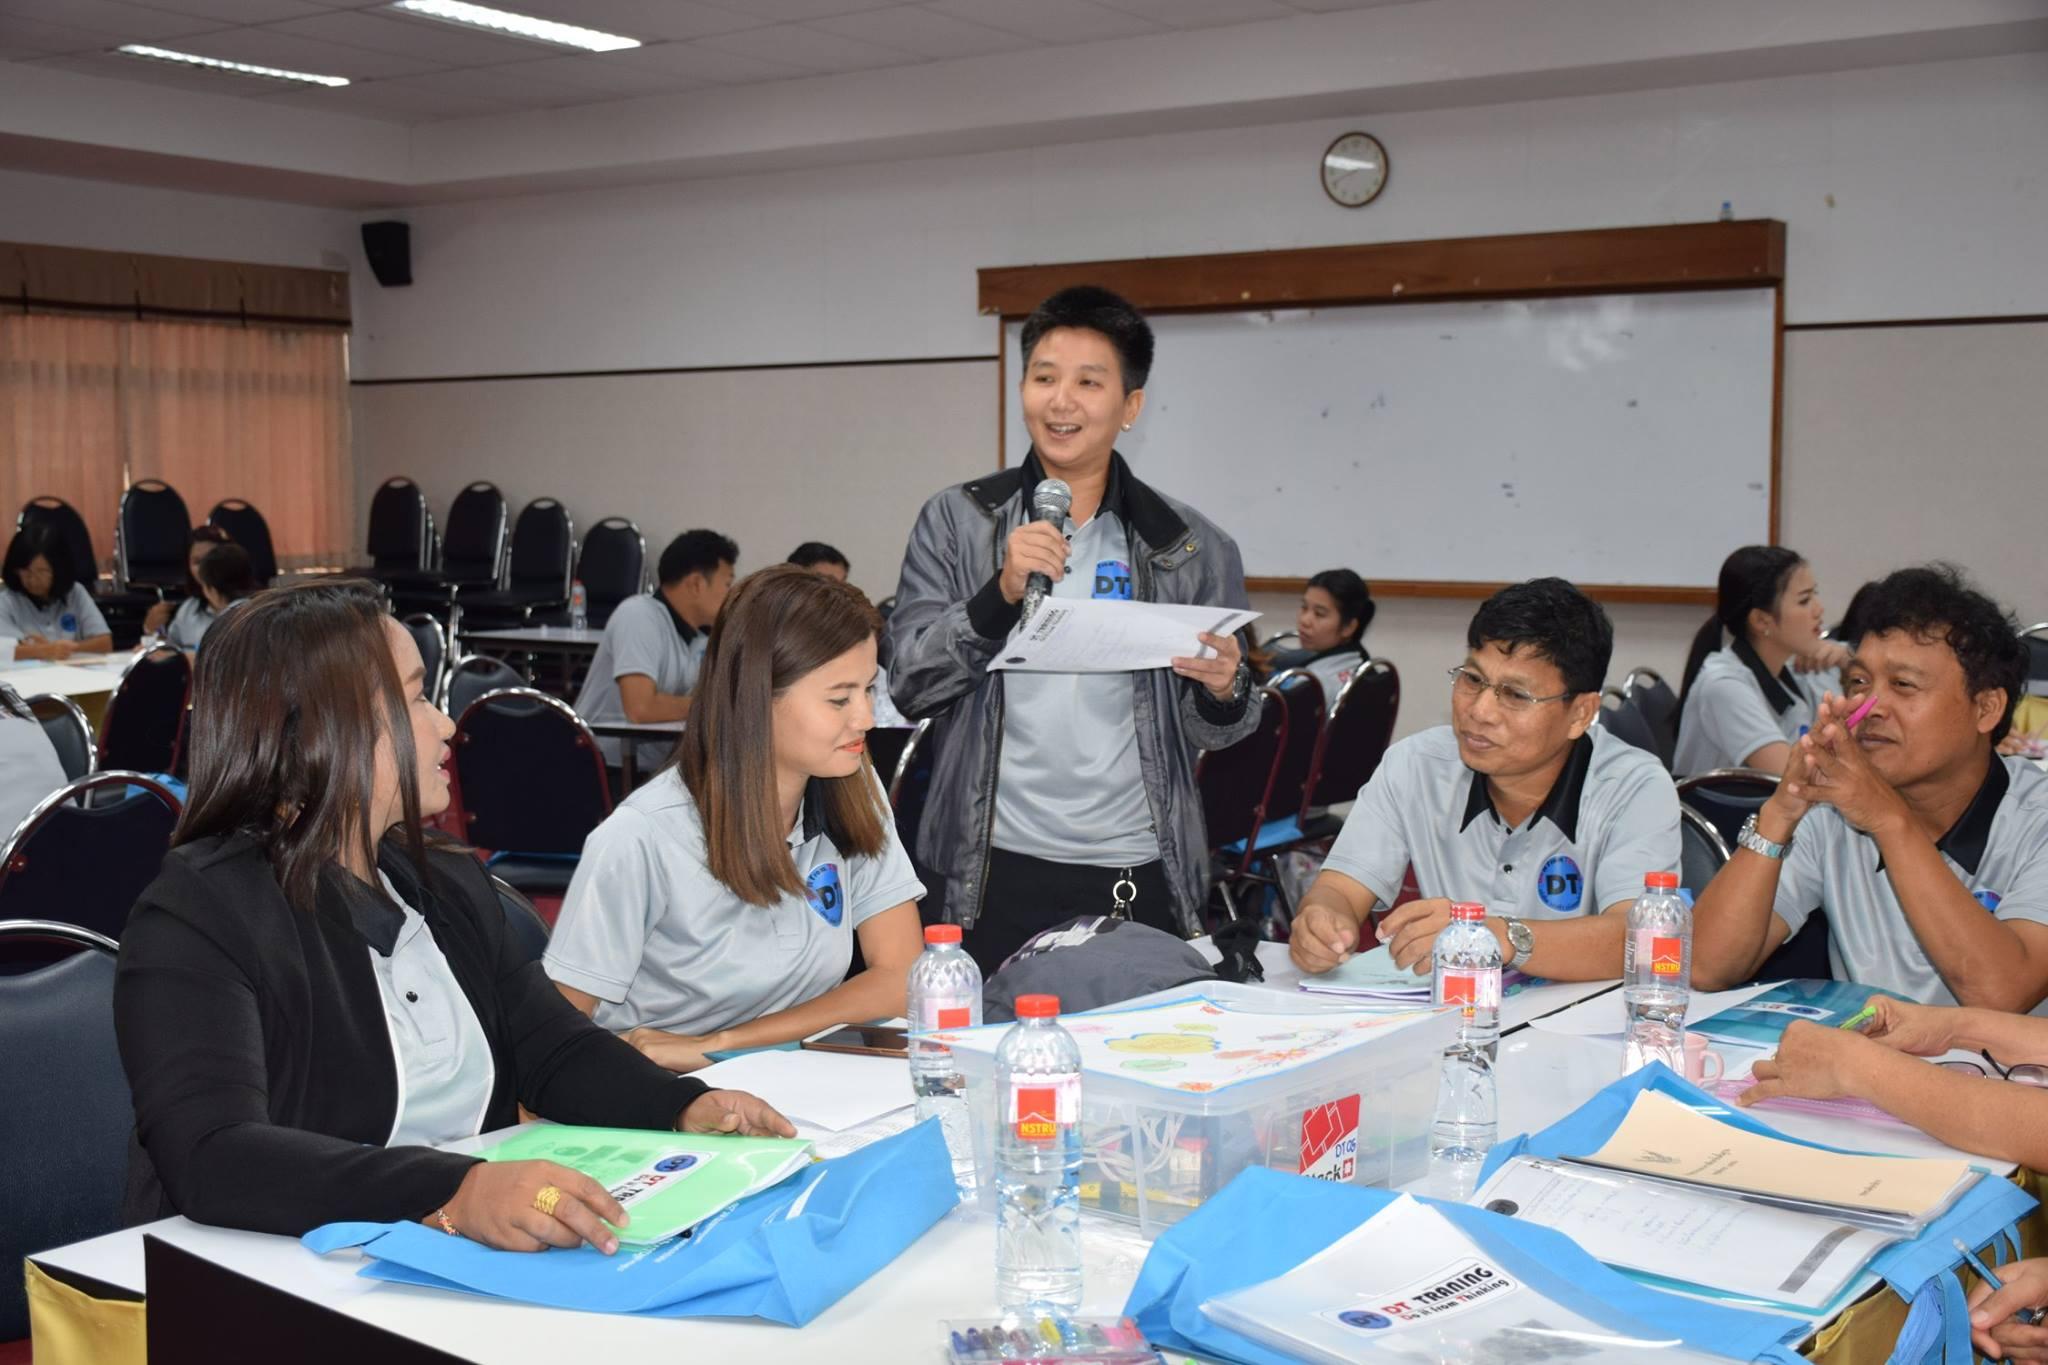 เทคโนฯ ร่วมจัดอบรมโครงการพัฒนาครู-8